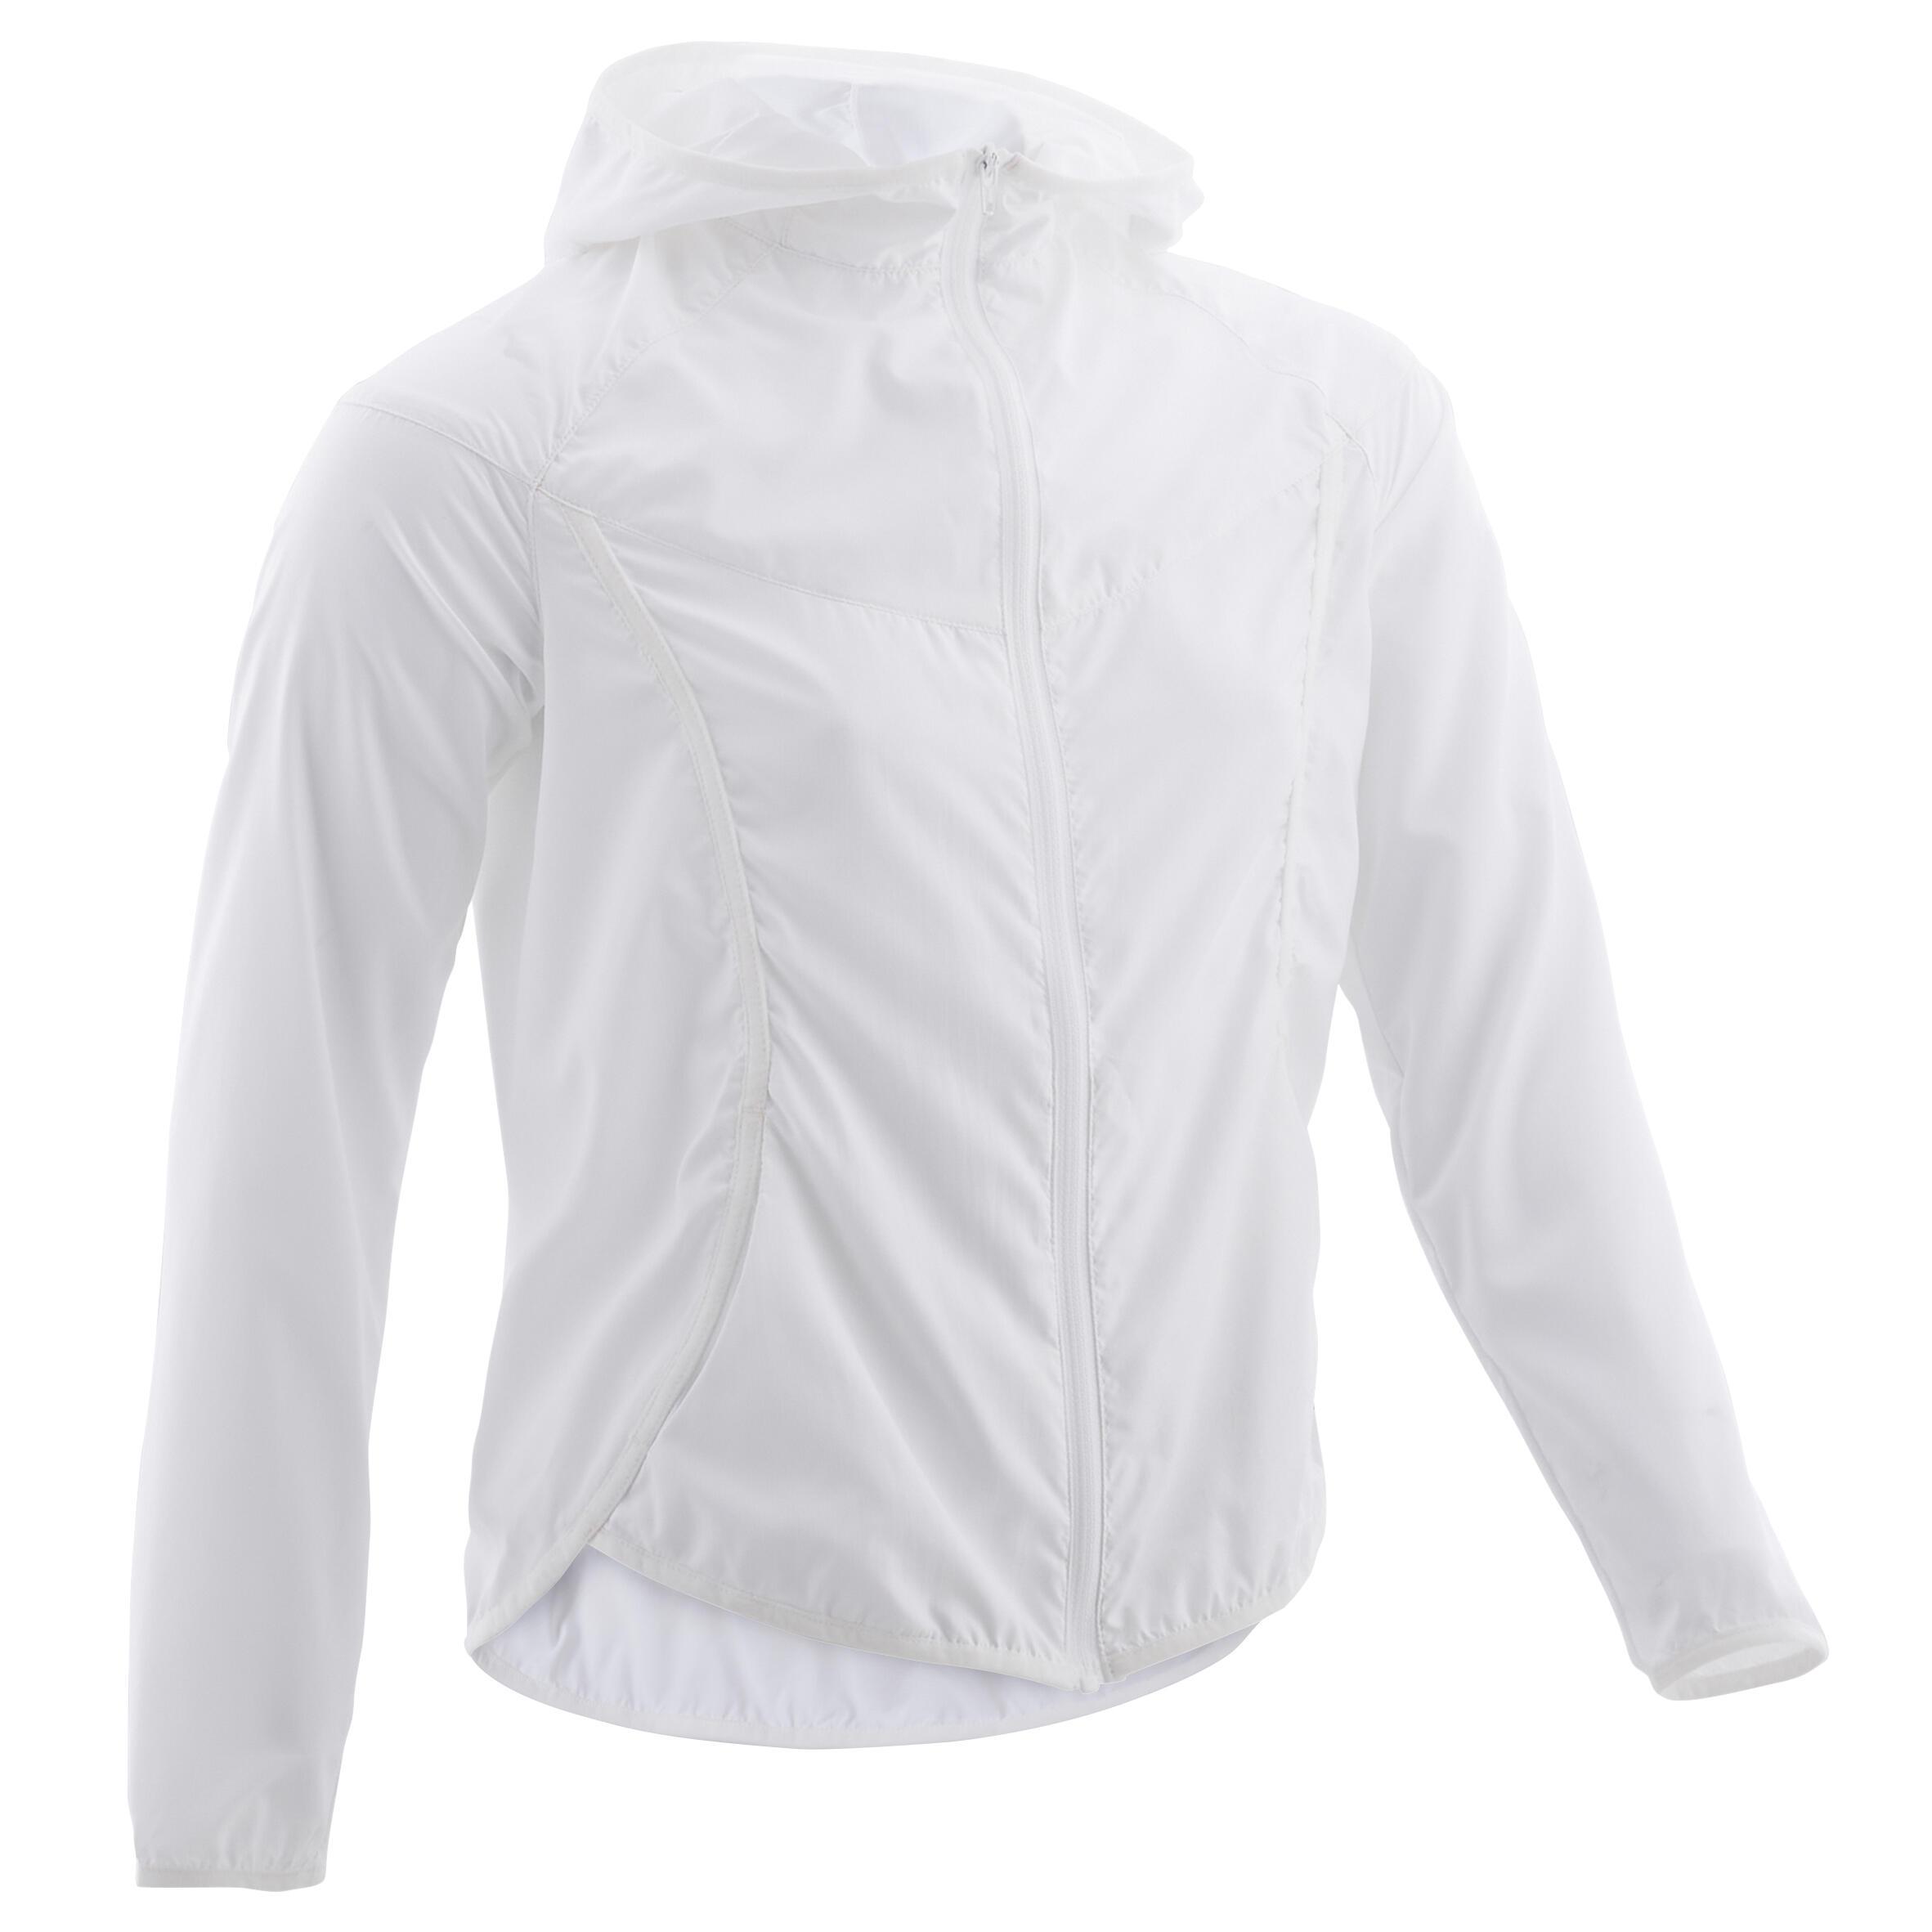 Hanorac W500 alb fete imagine